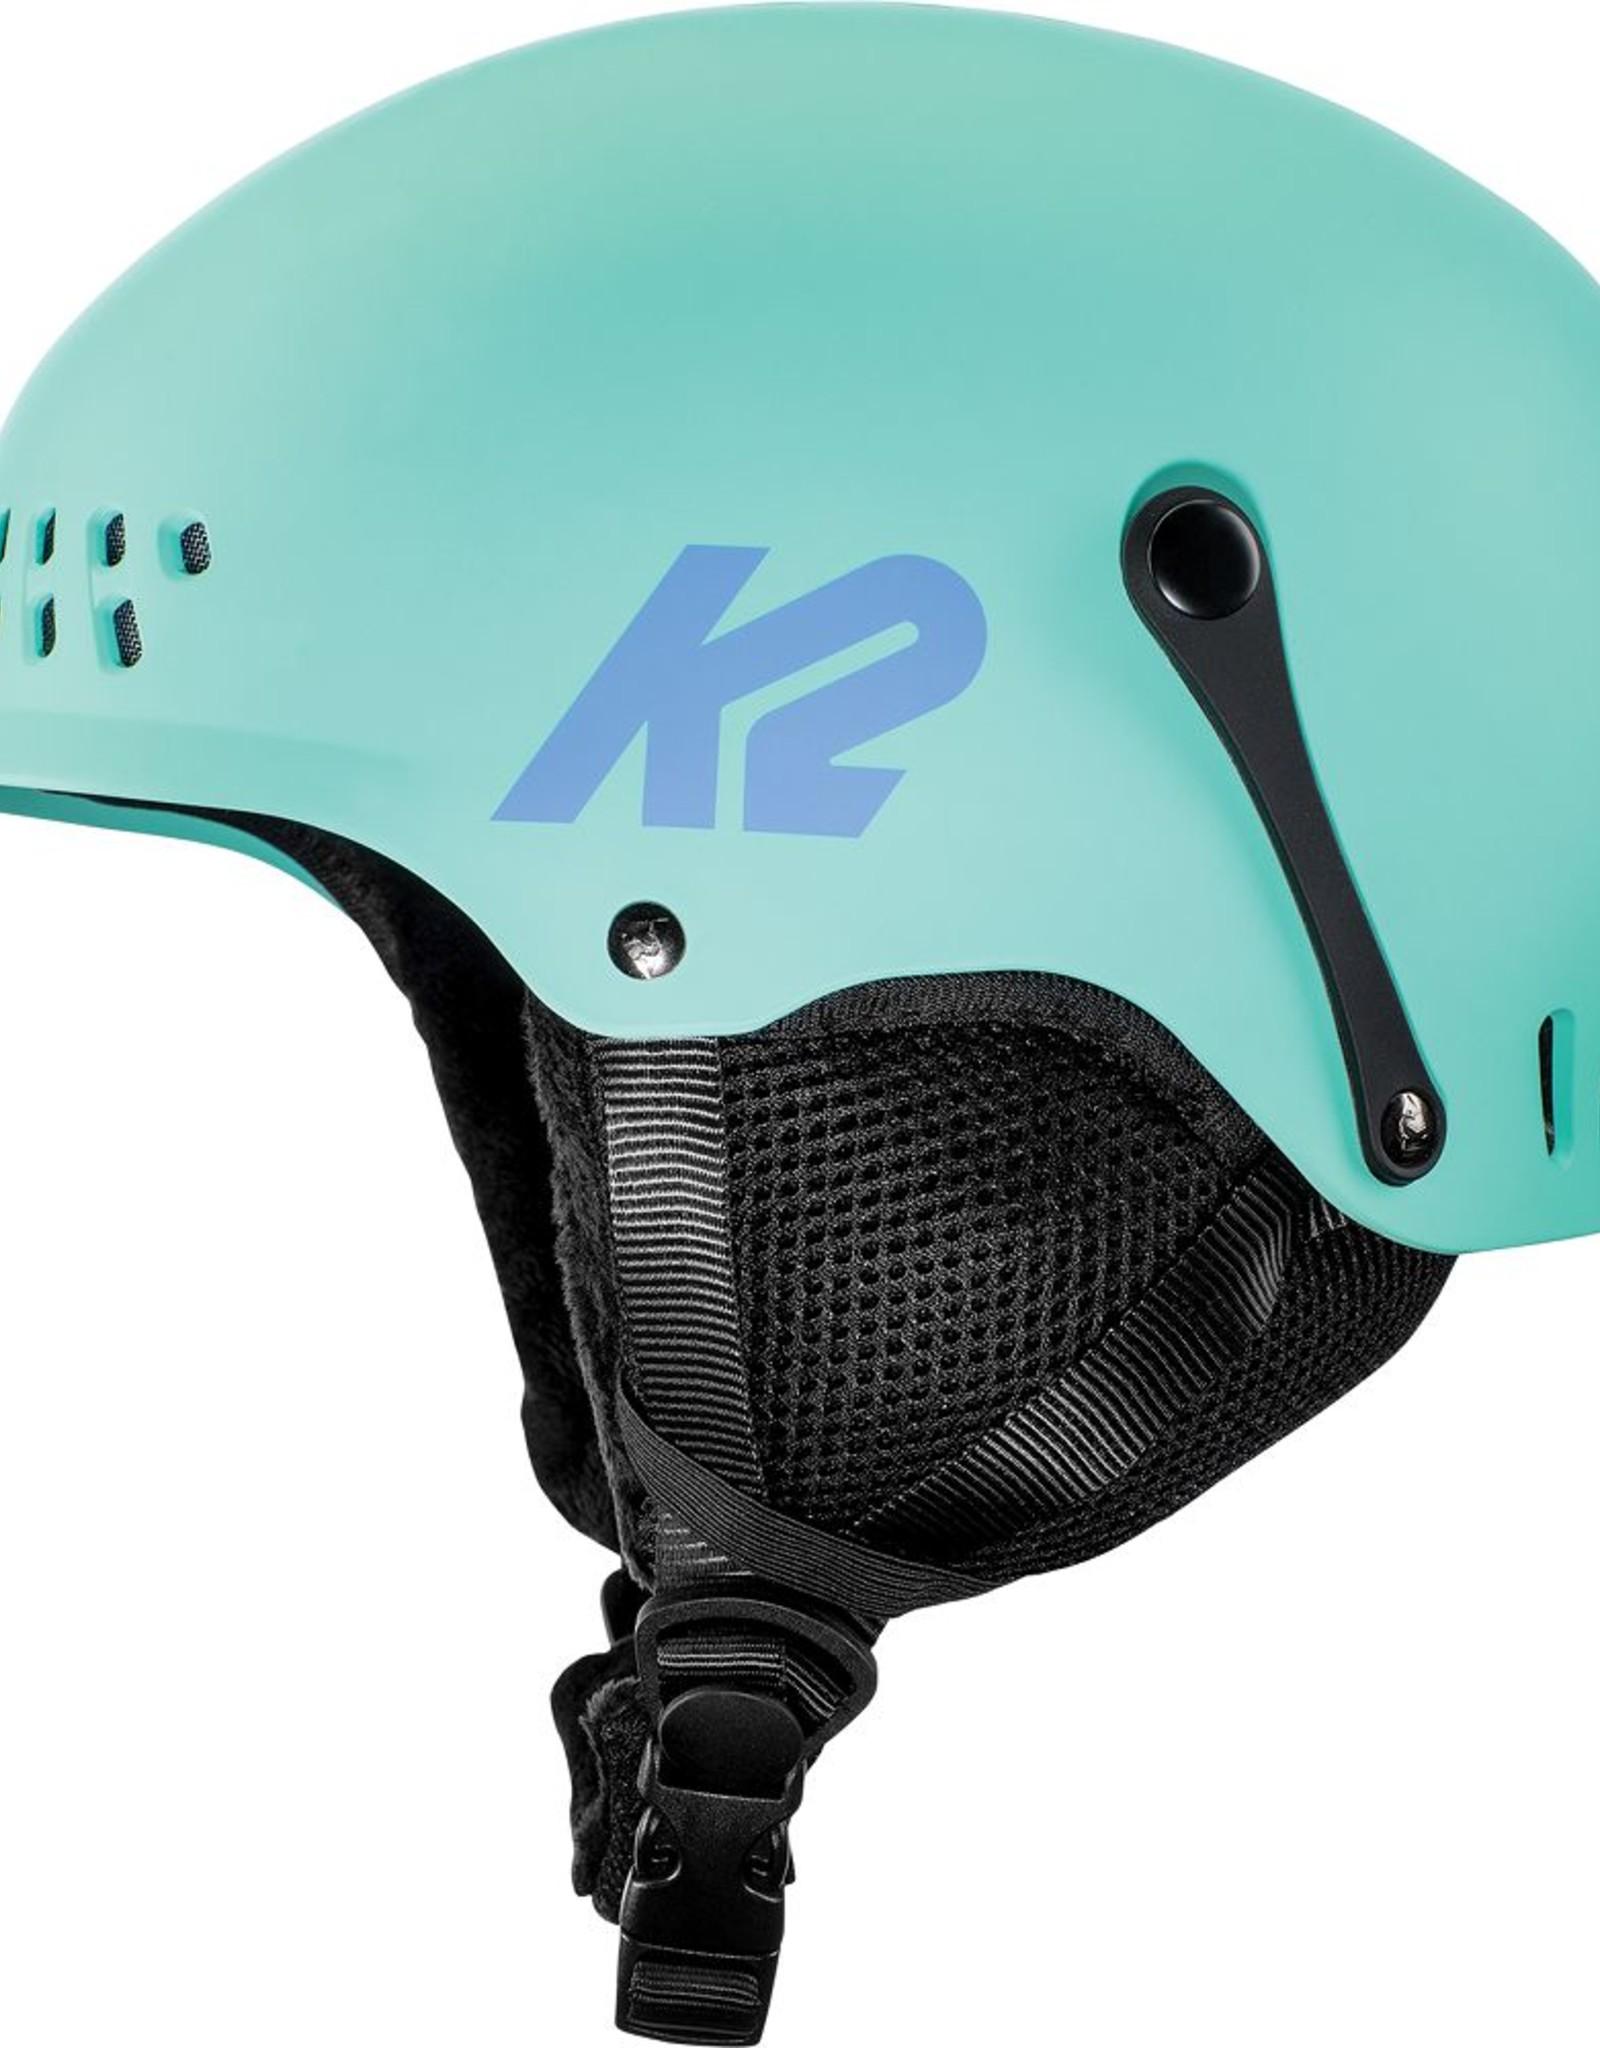 K2 - ENTITY - Seafoam -